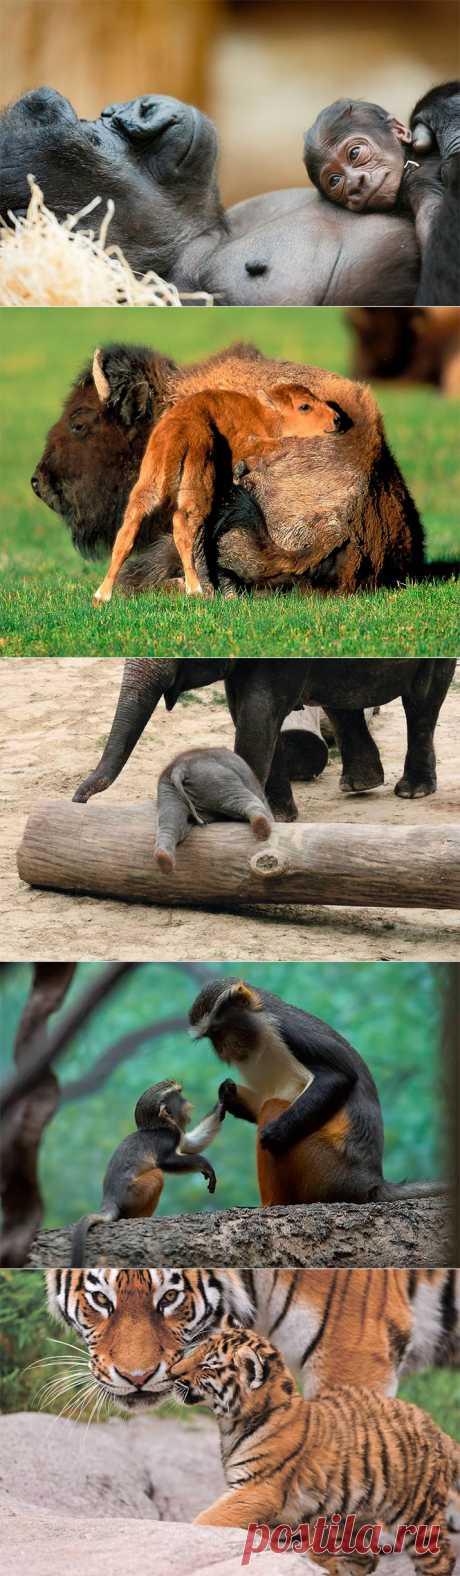 Материнская любовь и забота в животном мире (32 фото)